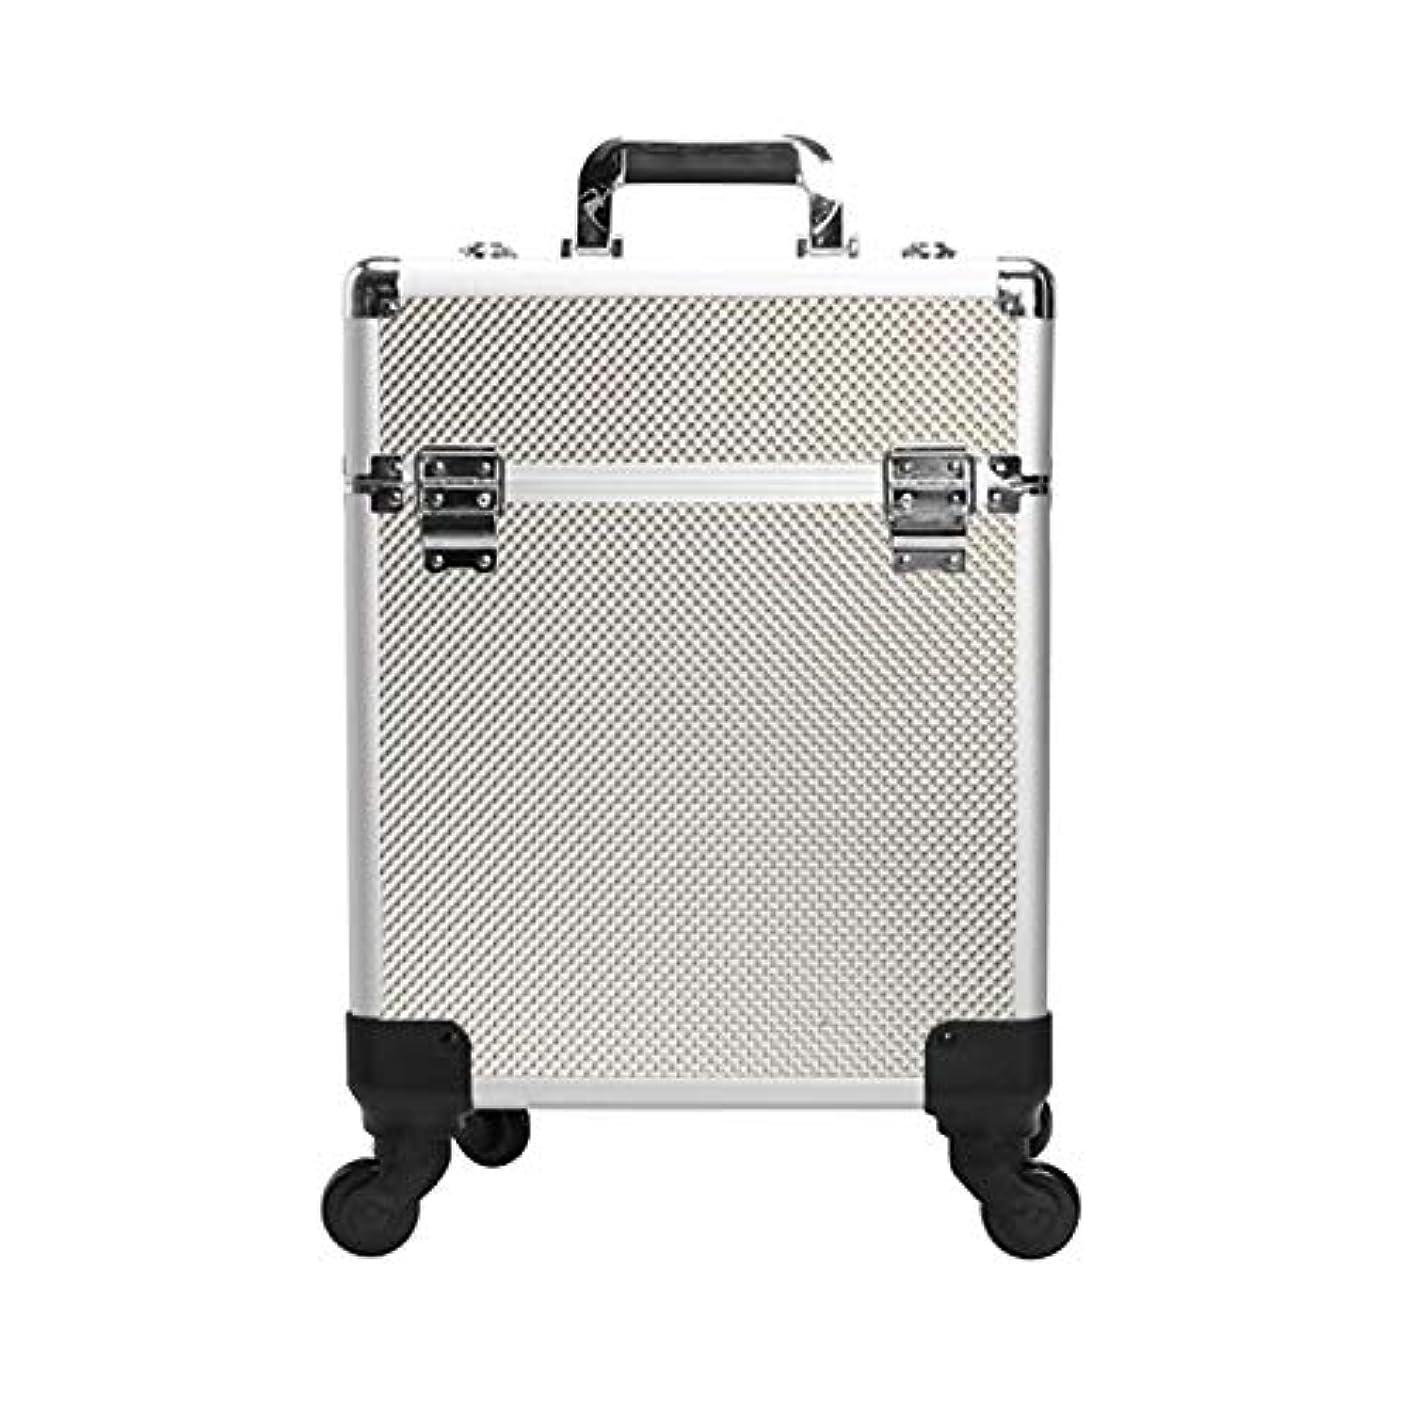 負荷フィードバックばかげたMCTECH メイクボックス キャスター付き 大容量 メイク収納 化粧品収納 化粧箱 化粧ケース 小物入れ 鍵付き